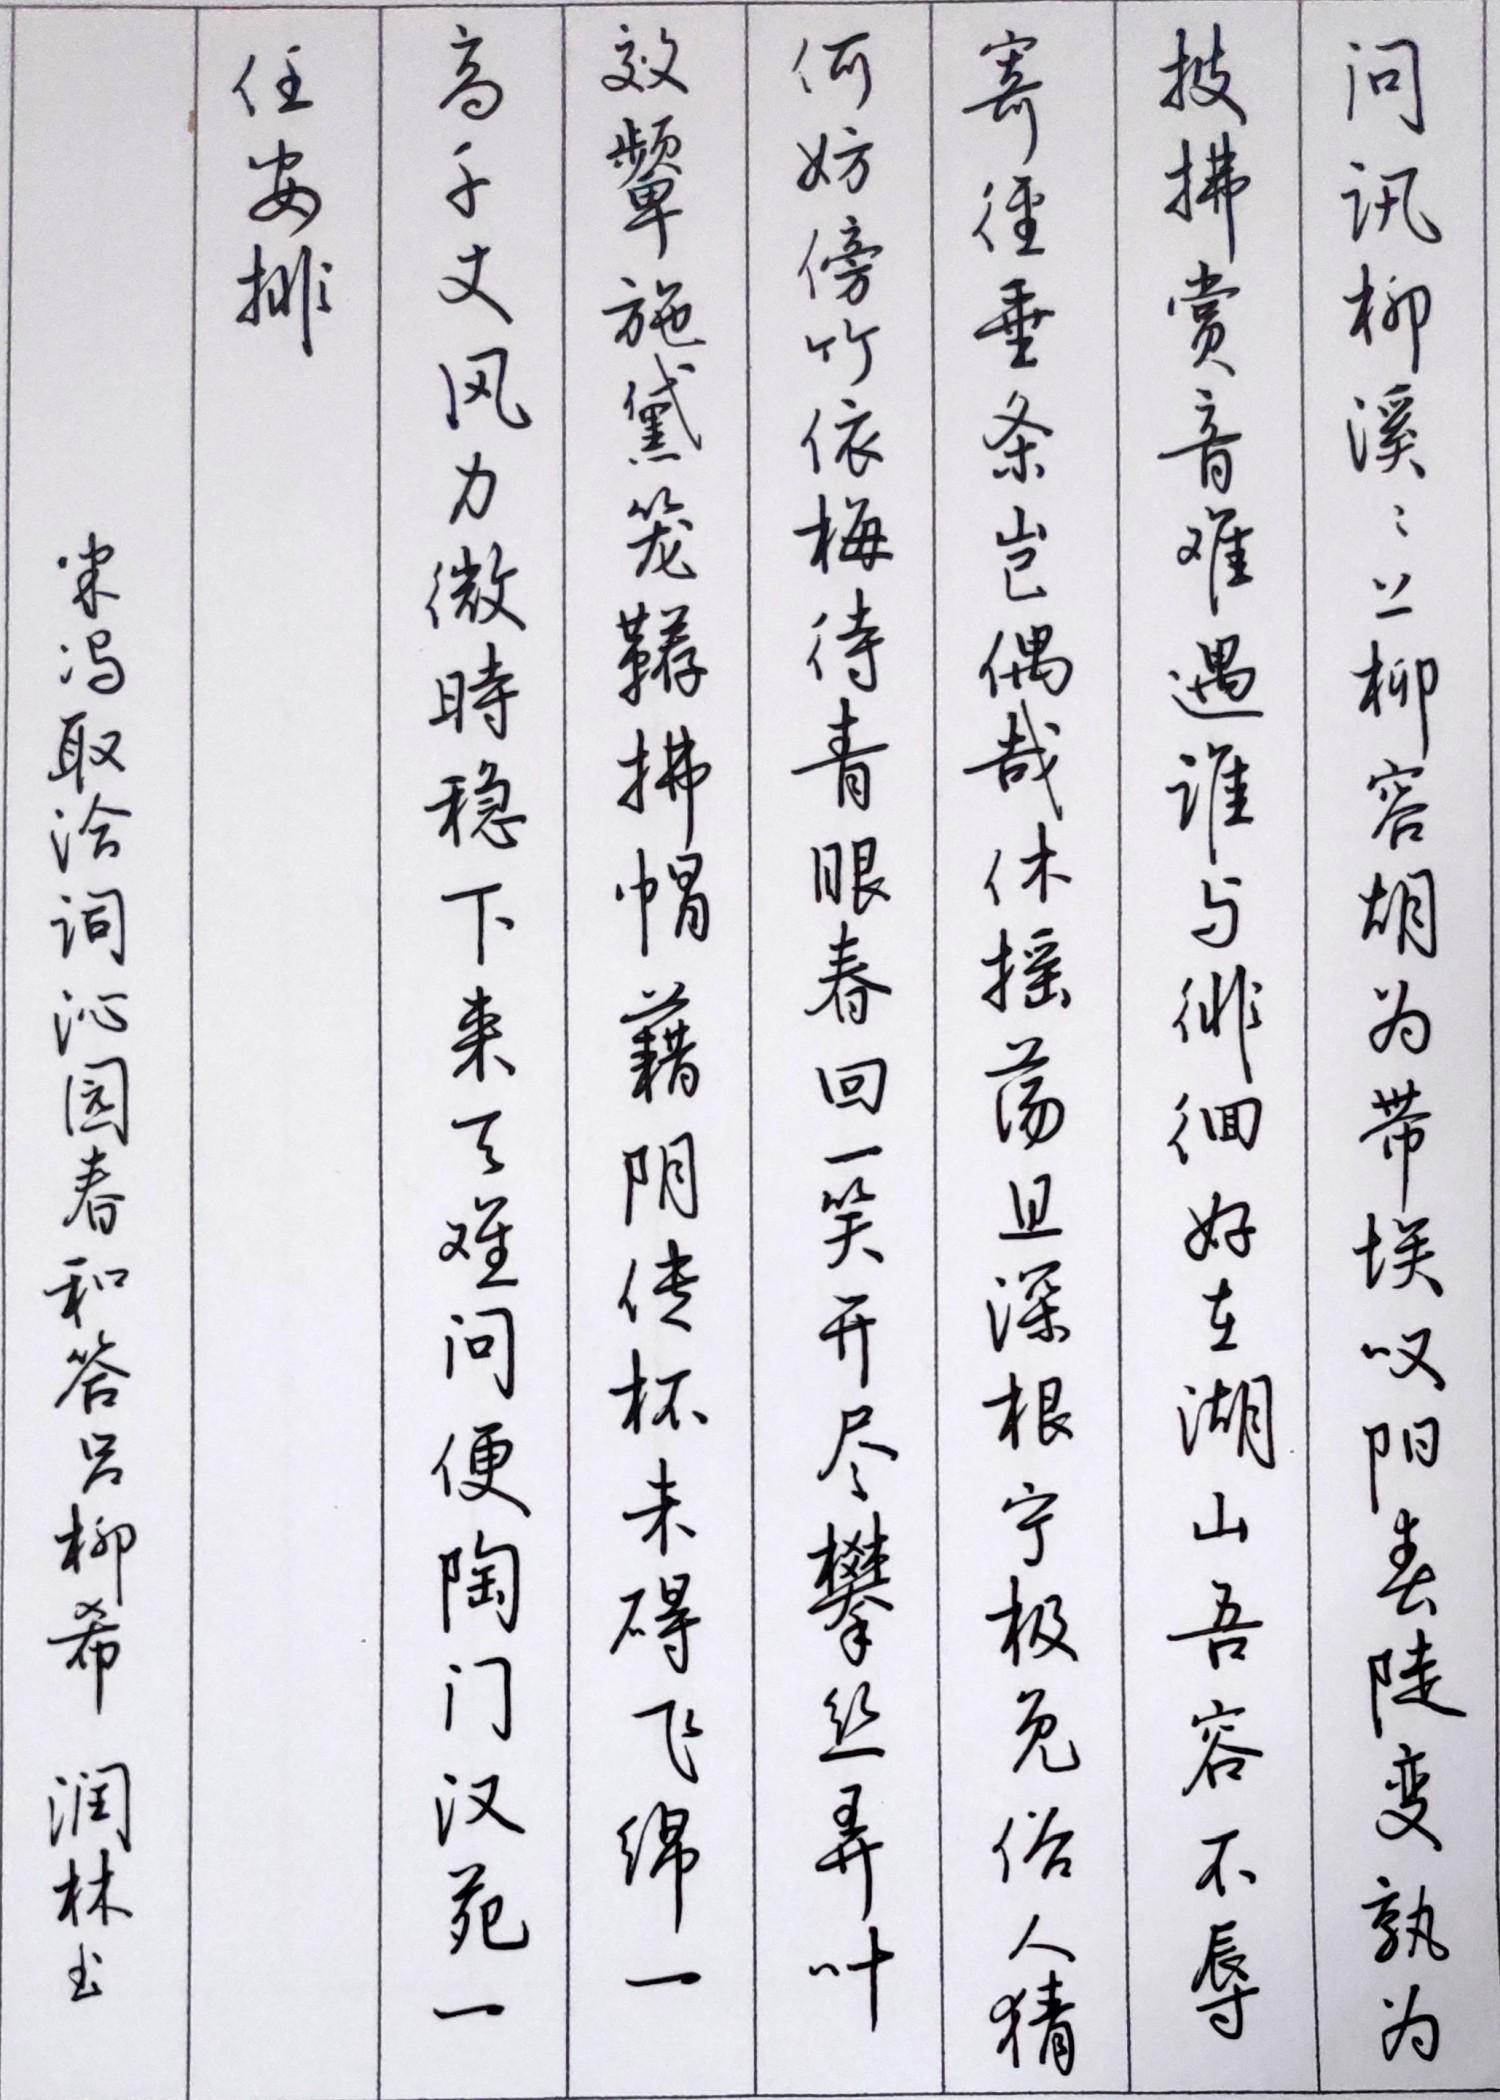 钢笔爱好者练字打卡20210302-04